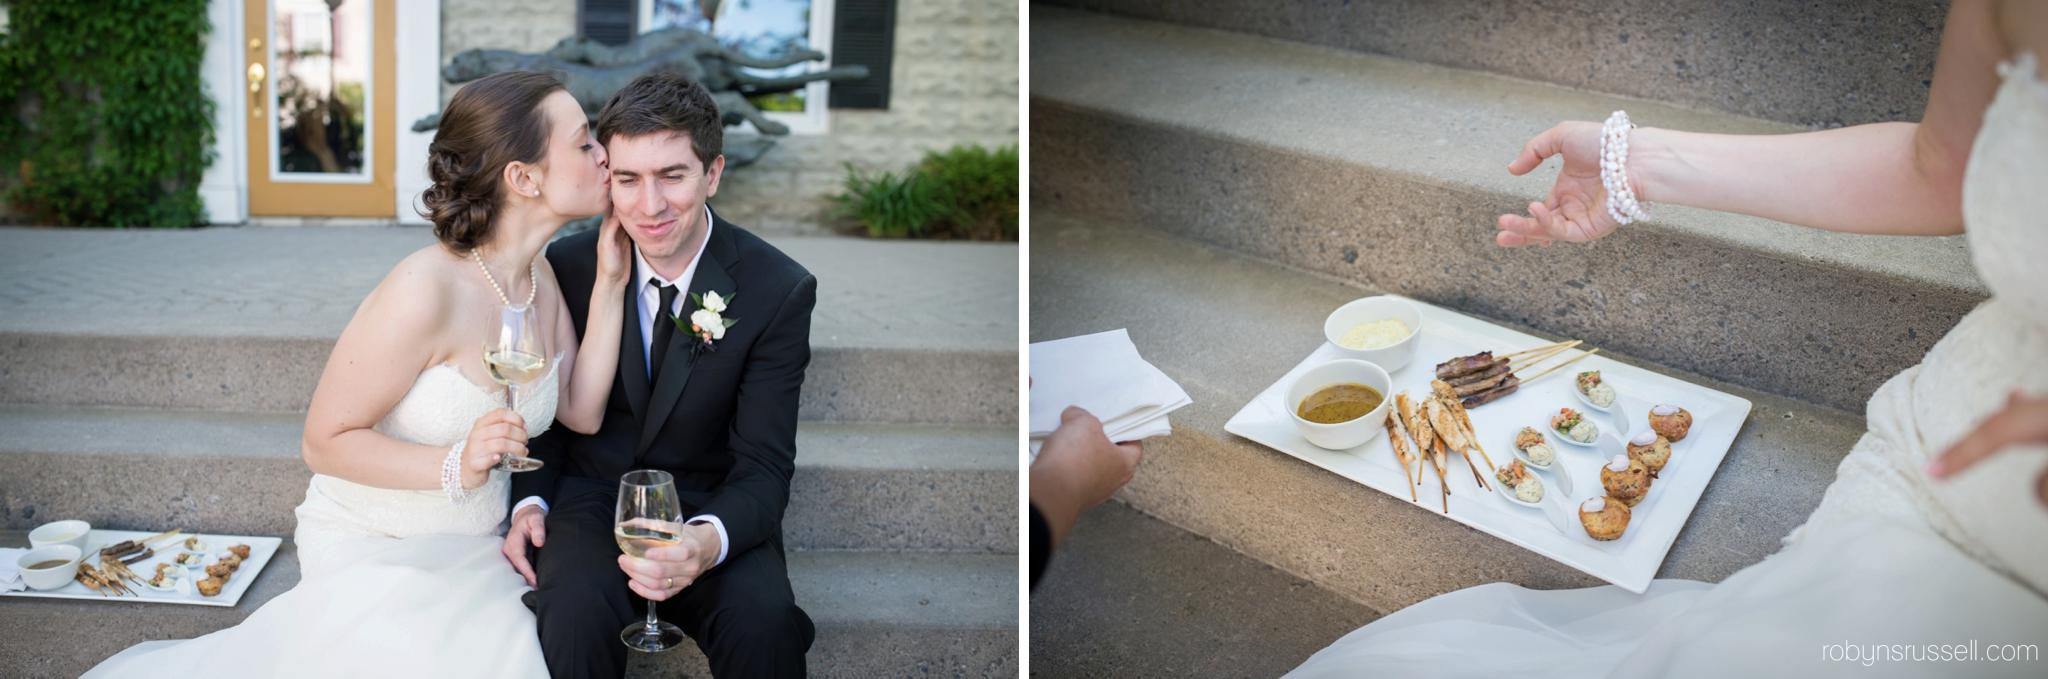 31-bride-and-groom-on-steps.jpg